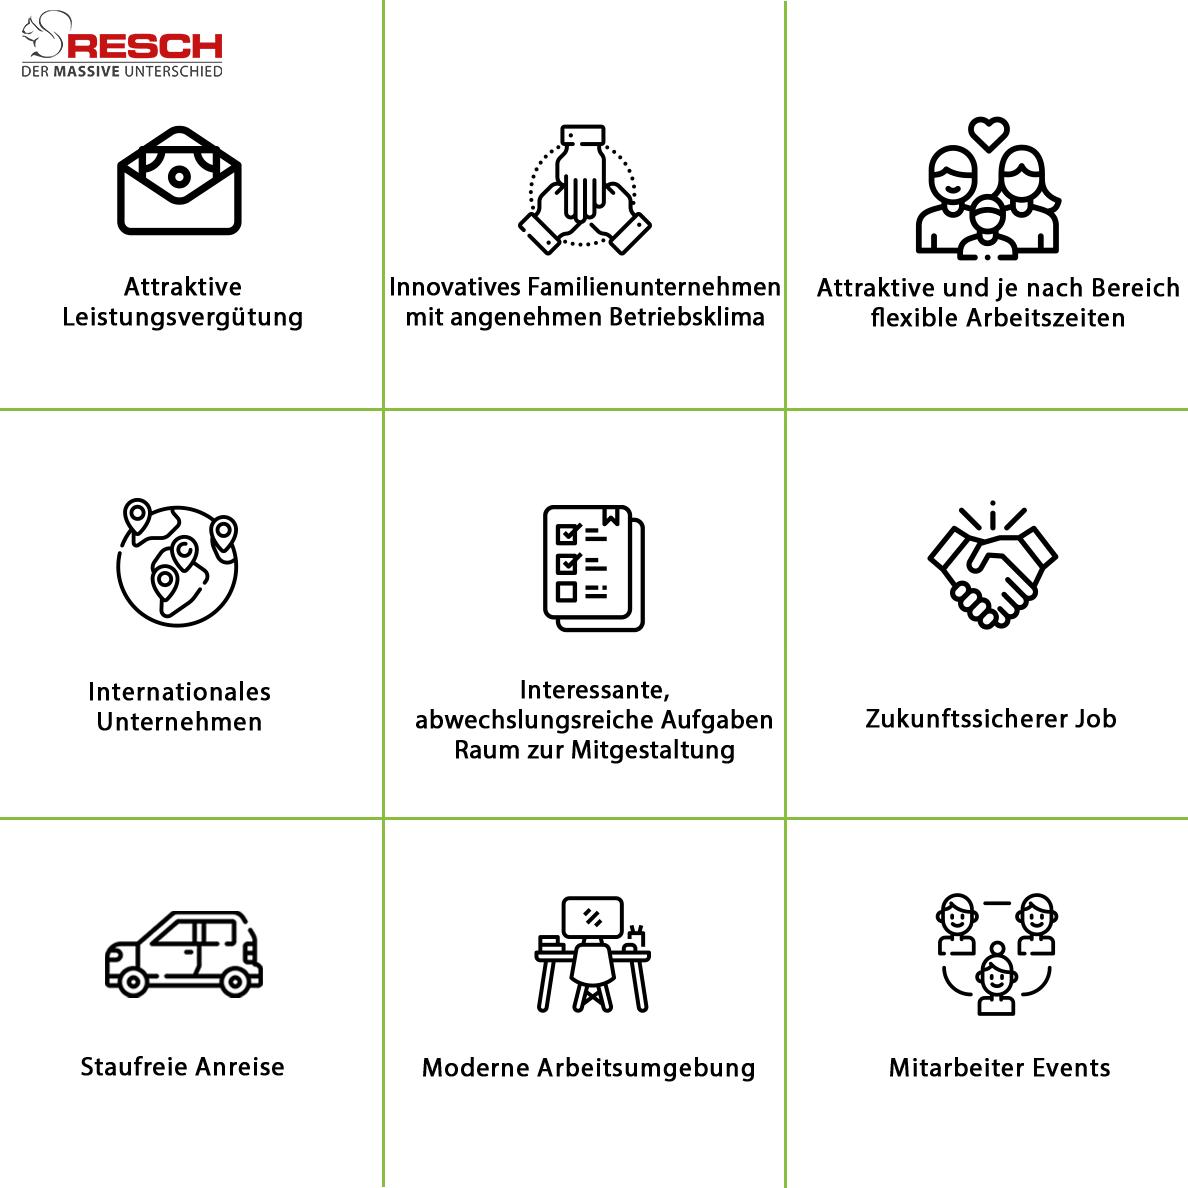 icons-resch-job